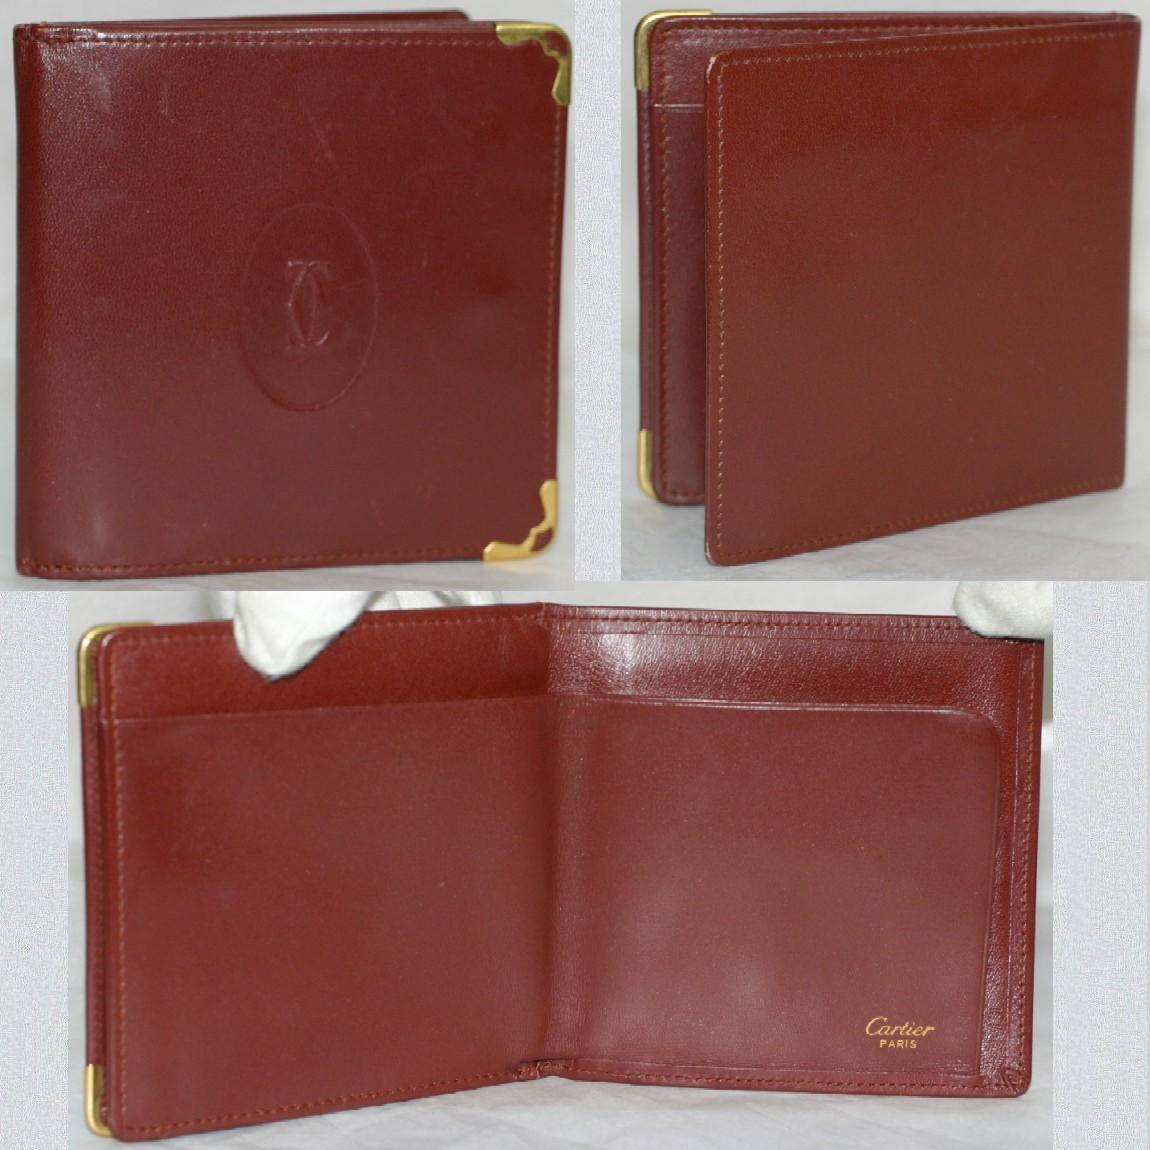 【中古】本物美品カルティエ紳士用10x10cm大きい小銭入れの付いた2つ折り財布 珍しいです